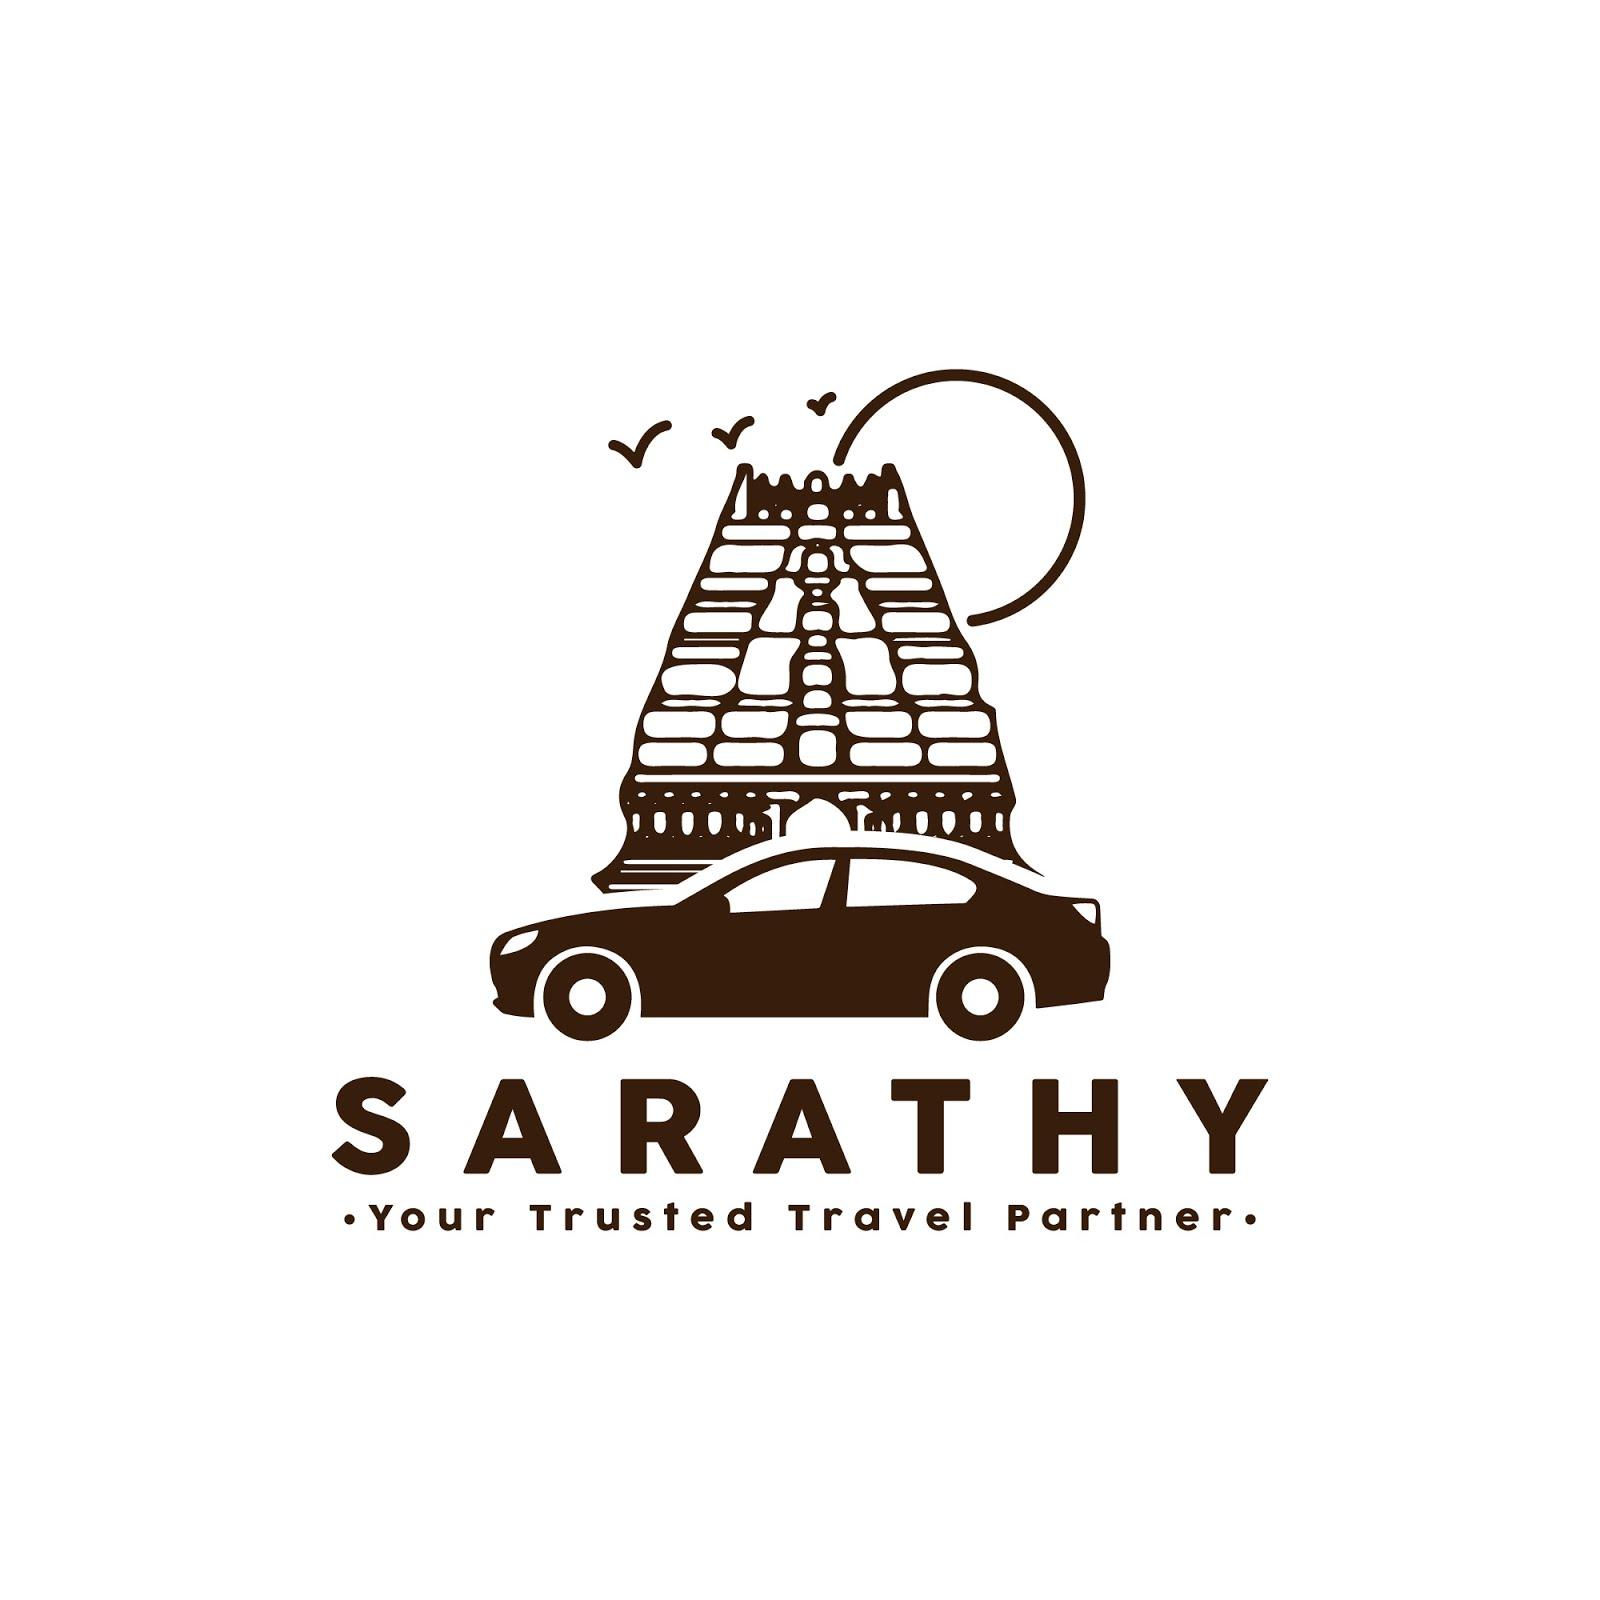 Sarathy Tours